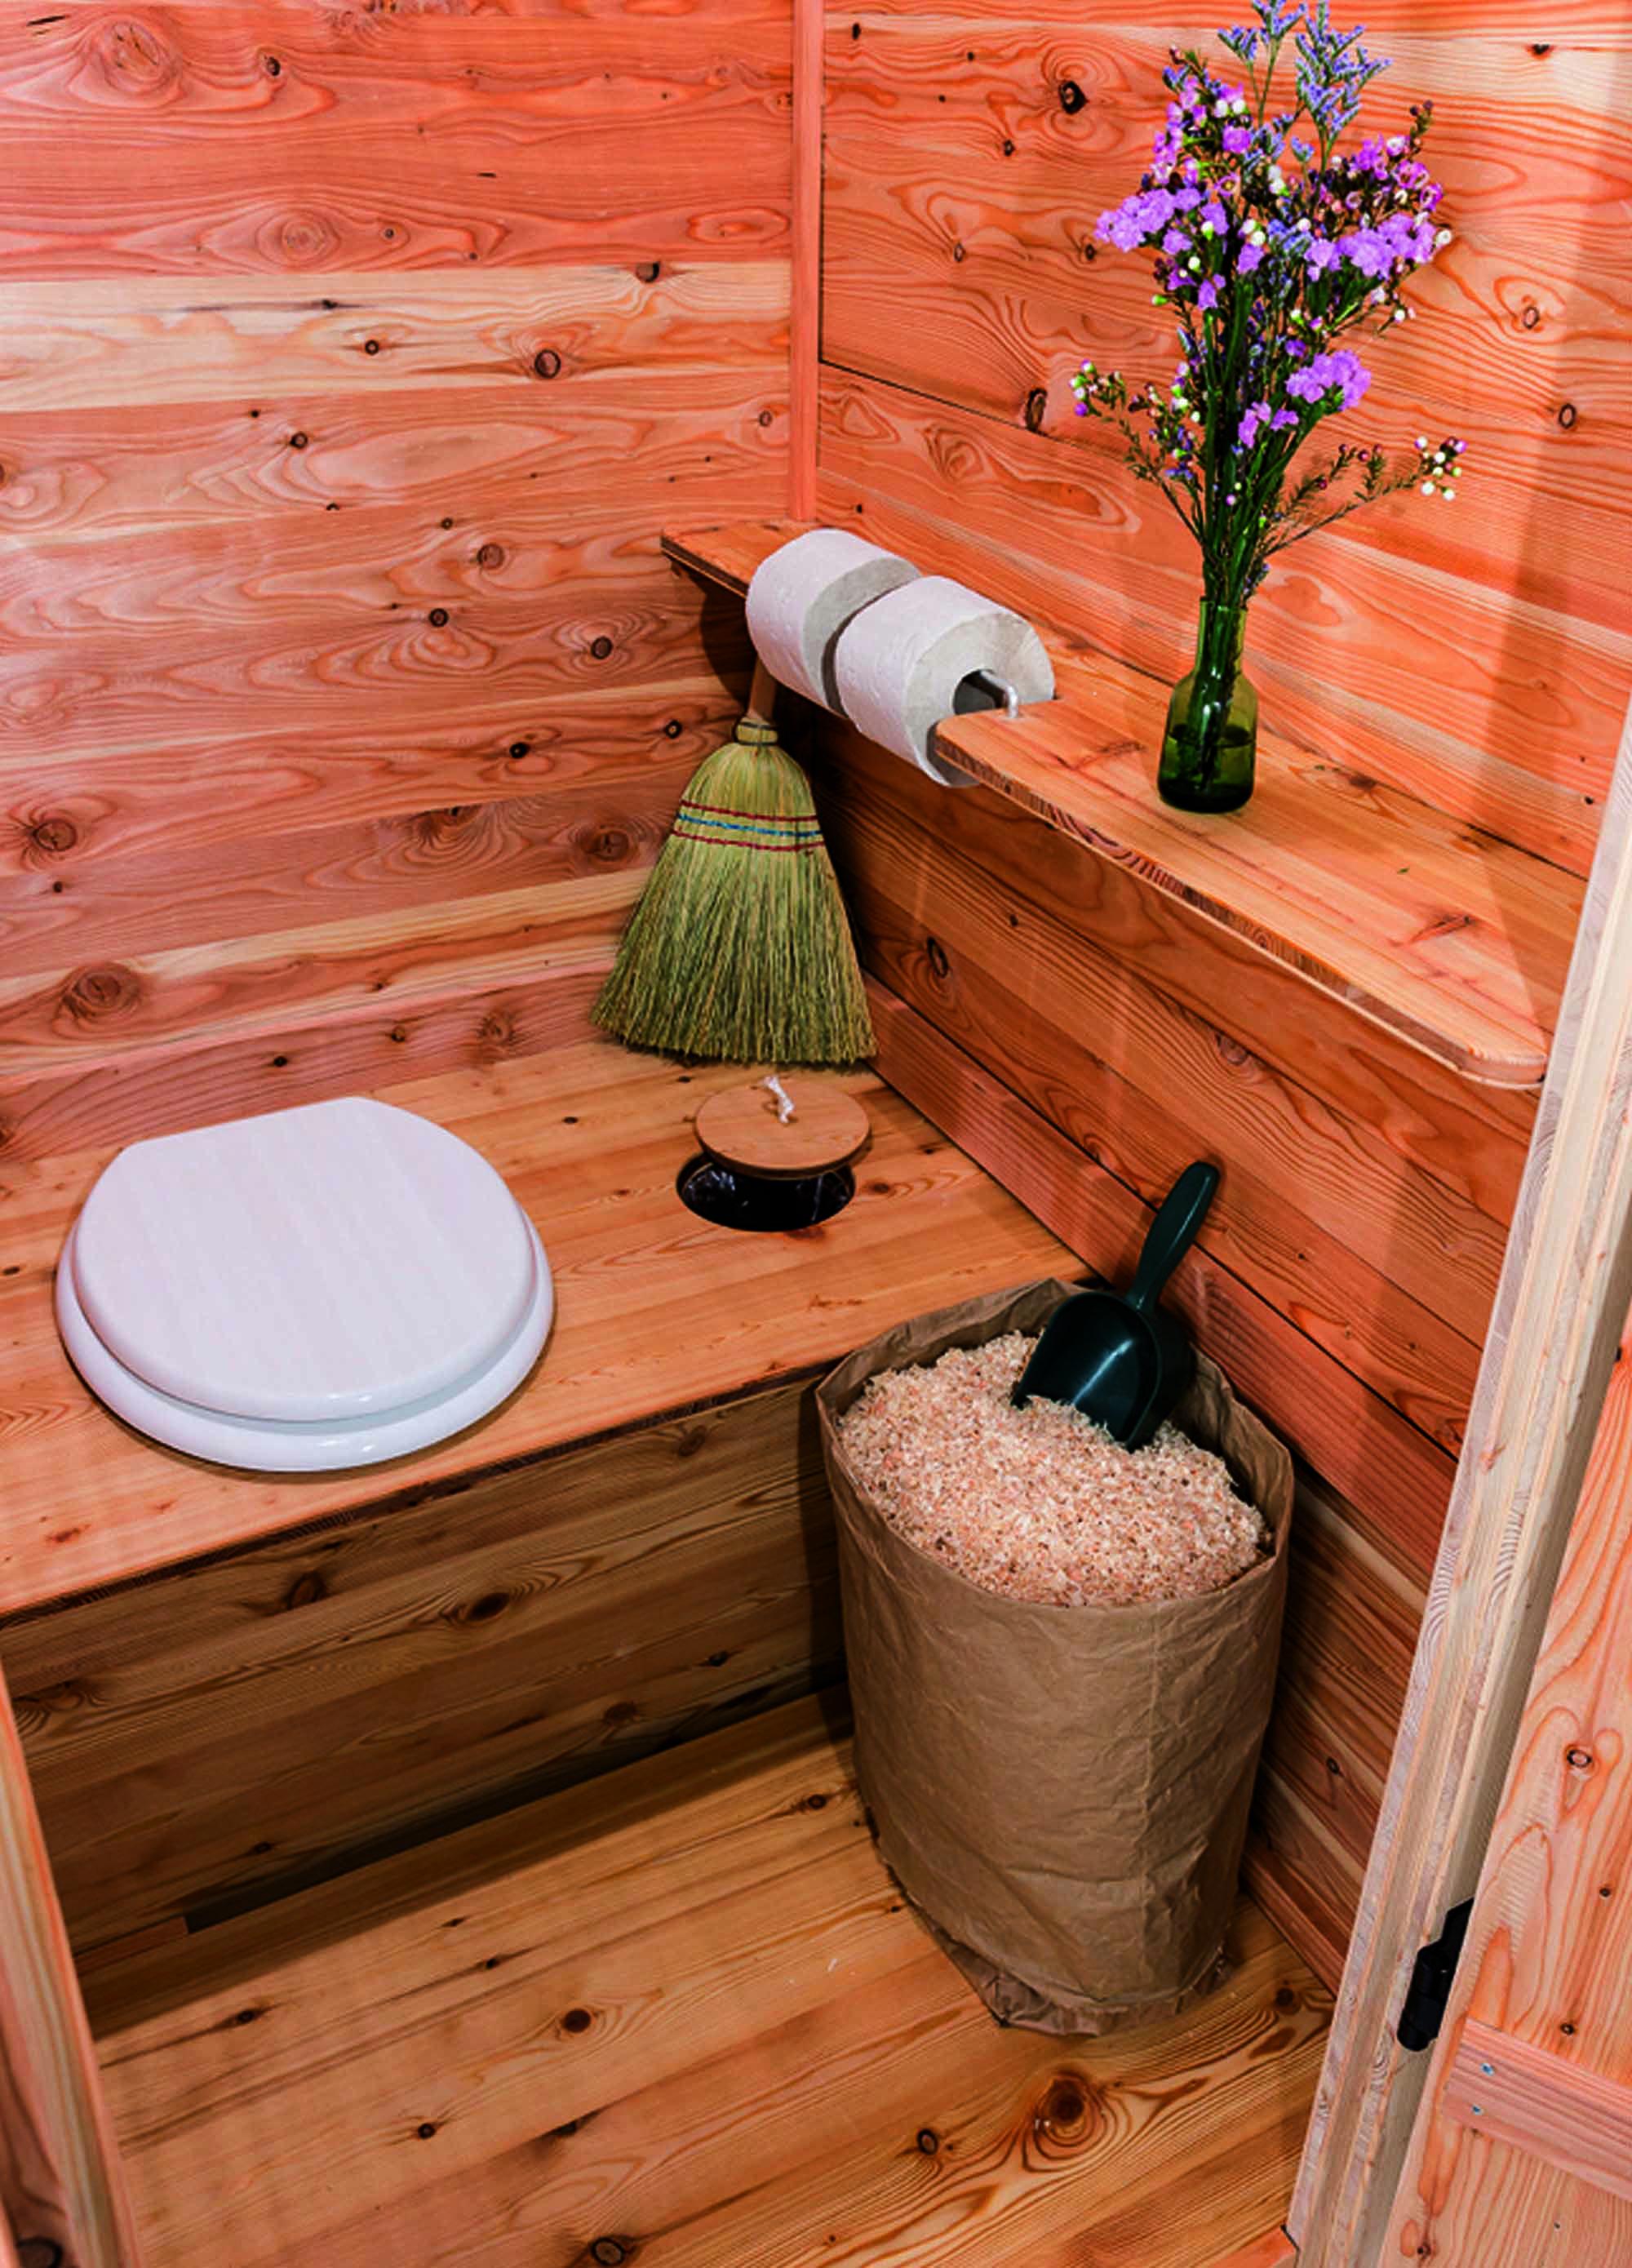 Komposttoilette Mischsystem Gartenfrosch In 2020 Komposttoilette Kompost Toilette